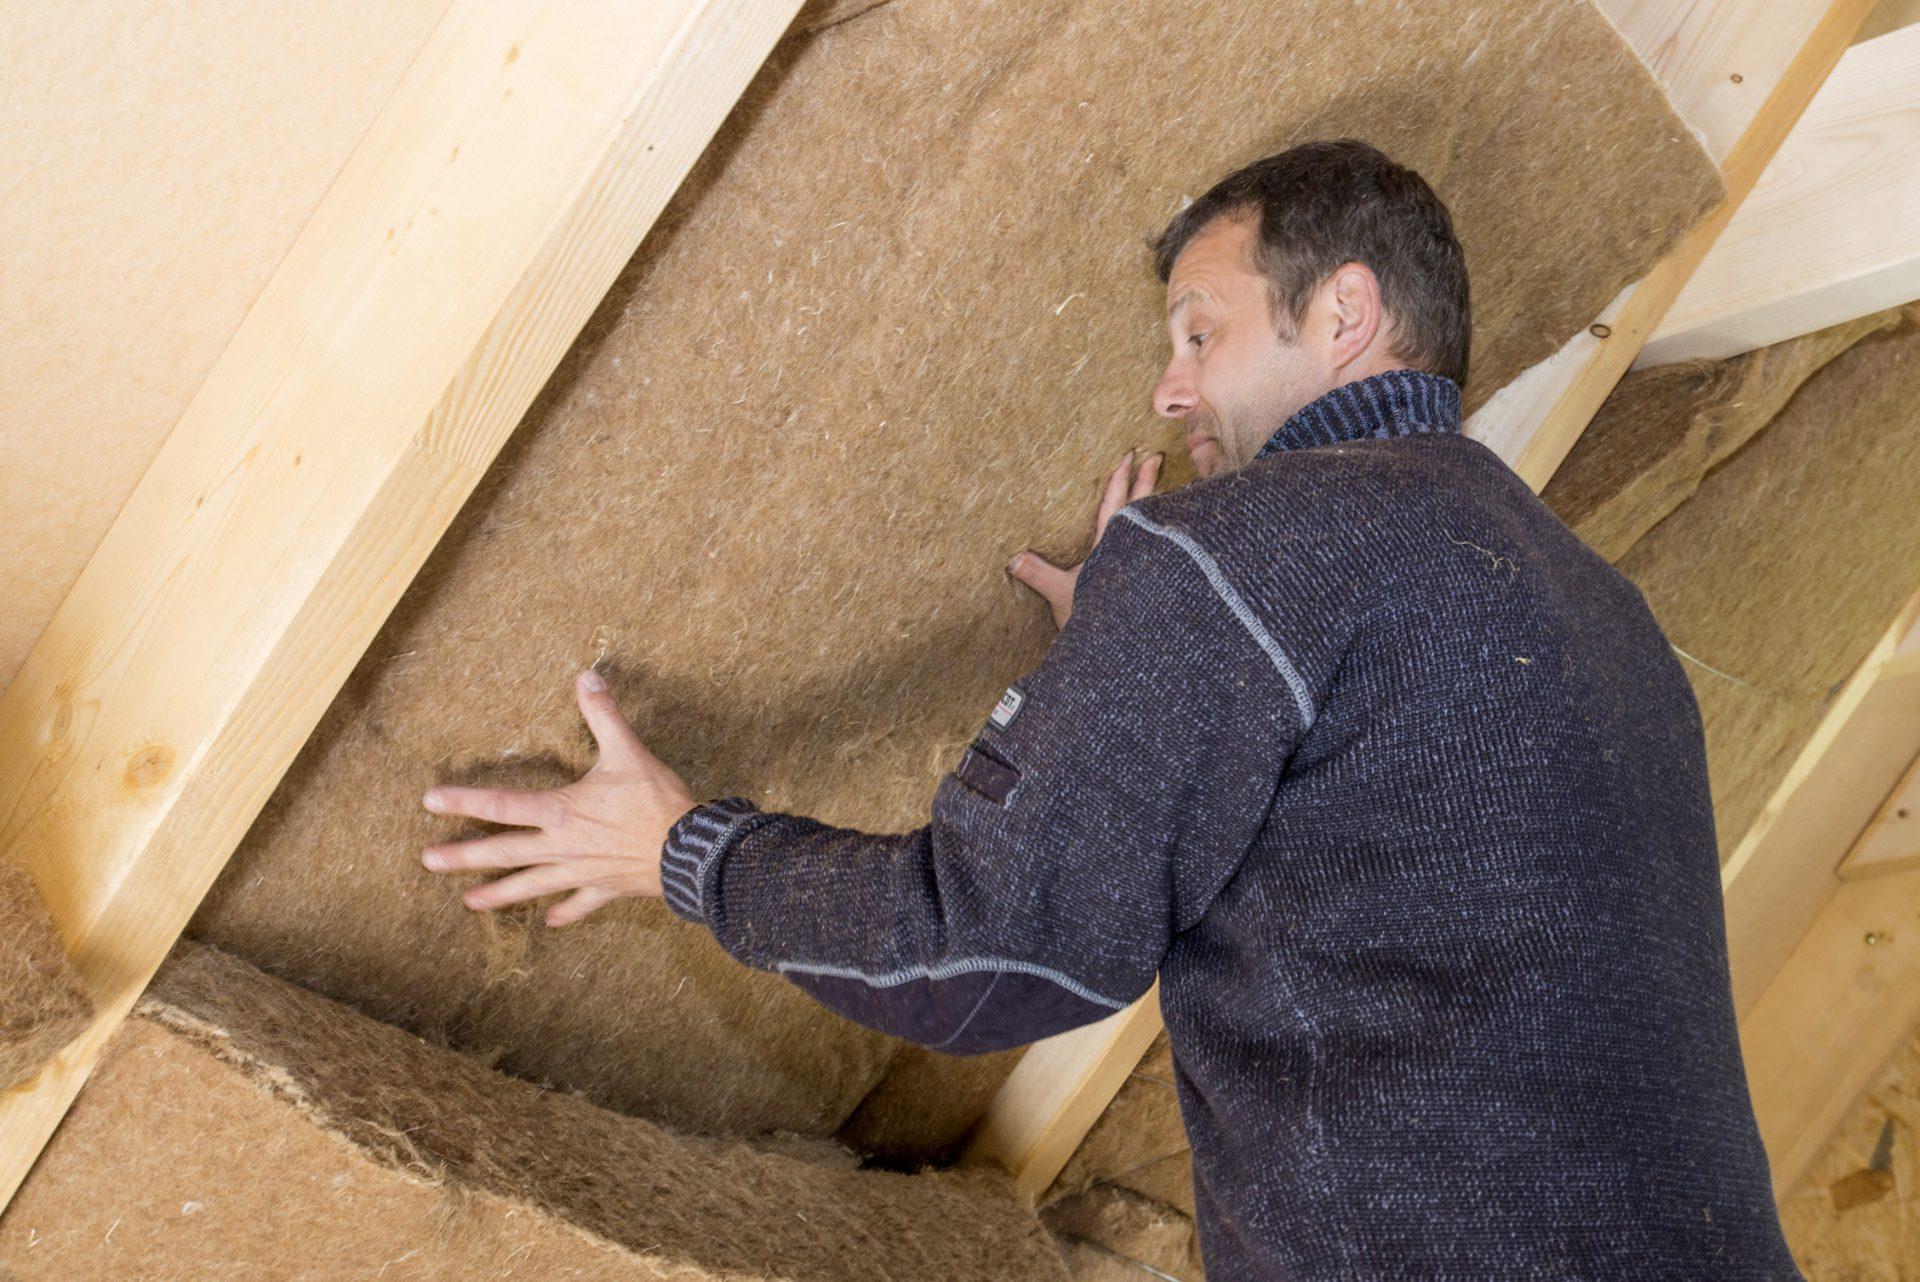 zateplovanie-stavba-dom-strecha-muz-robotnik-polystyren-sadrokarton